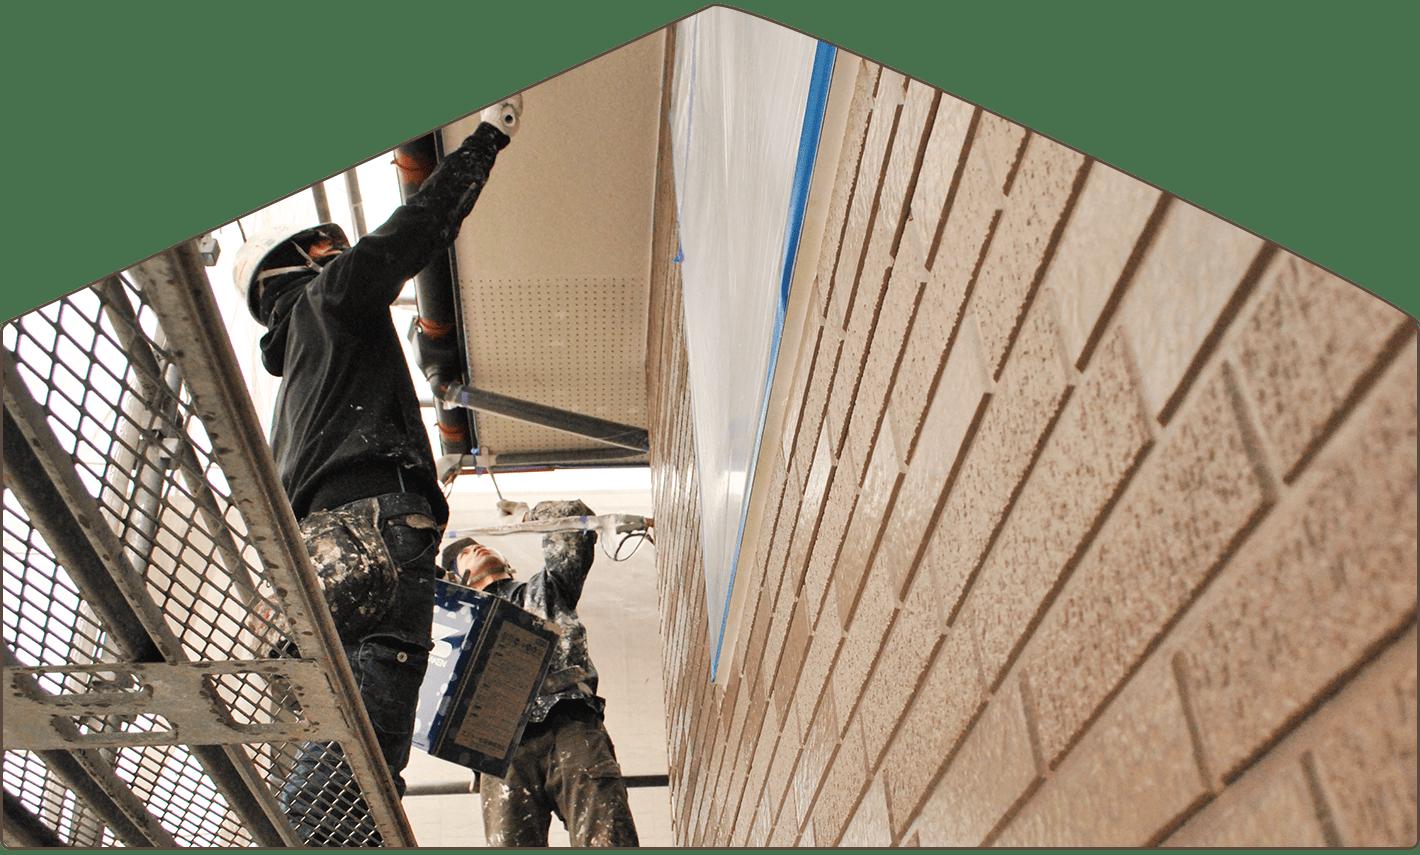 イロドリは、安心・安全・長持ちの塗装・内装をカタチにして、ご提供する、そんな会社です。